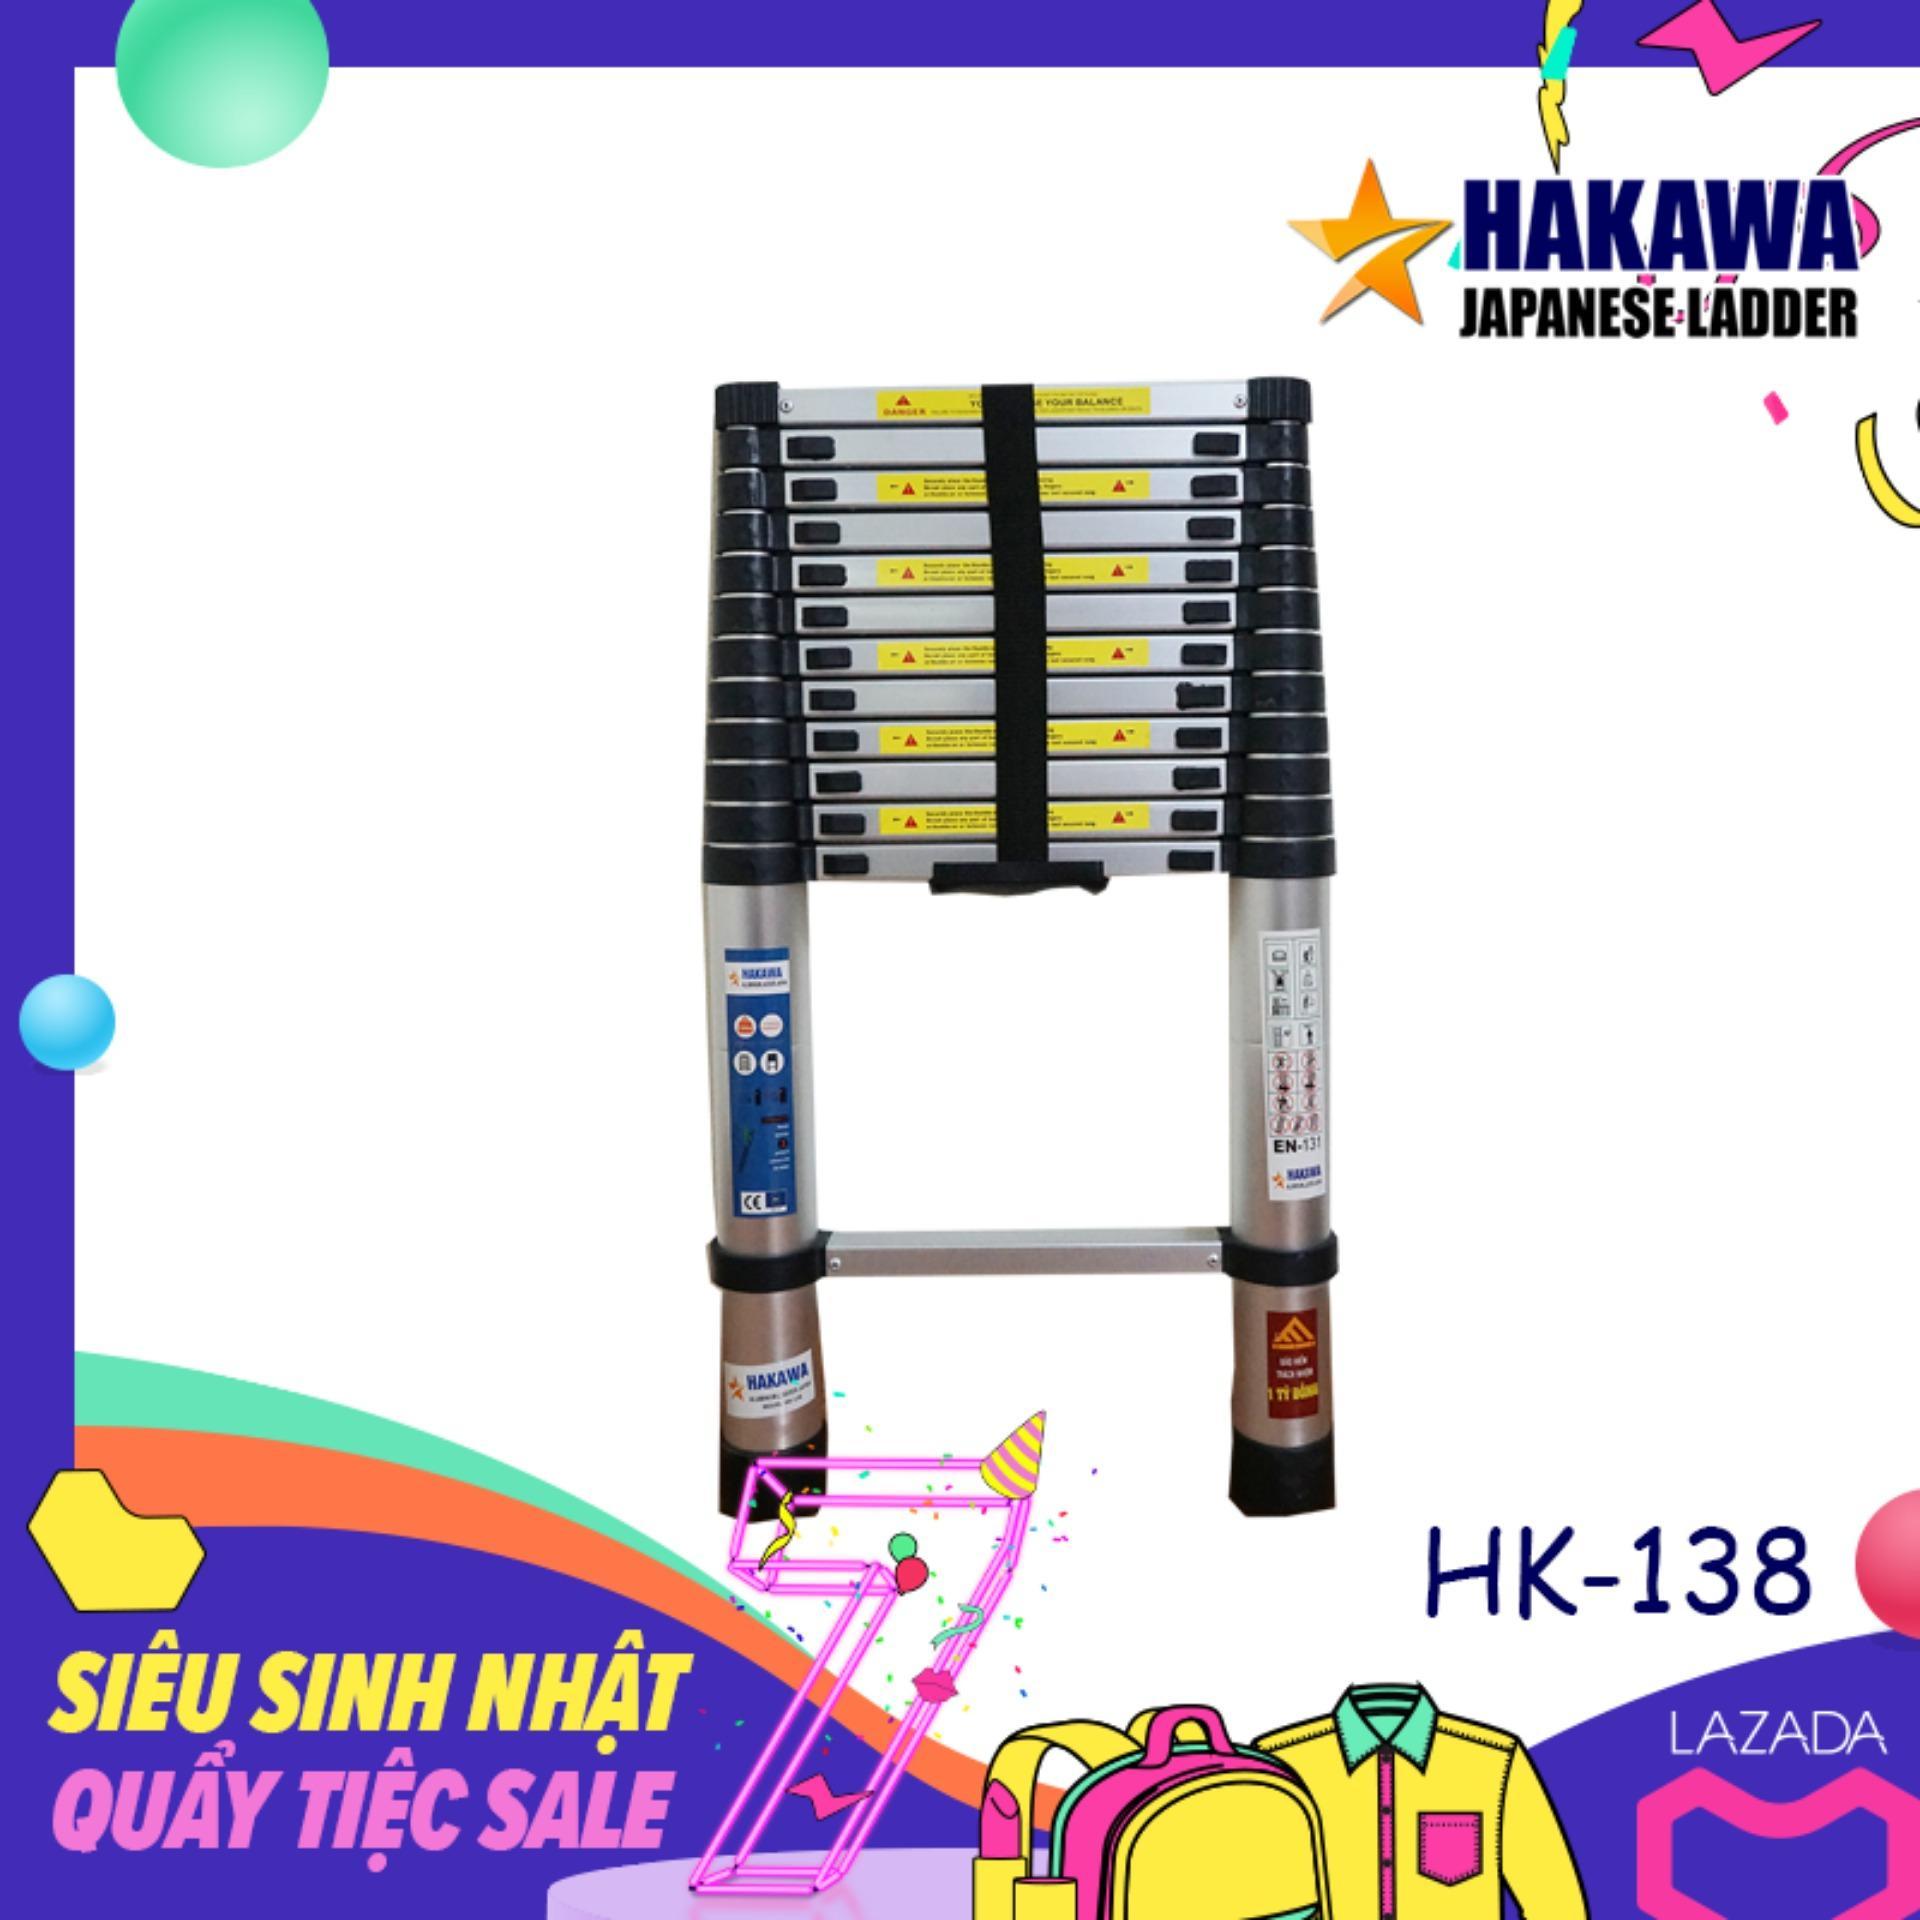 [KHUYỄN MÃI SỐC] Thang nhom rut don HAKAWA JAPAN HK138  3m8 - Cộng Thêm 6 tháng bảo hành